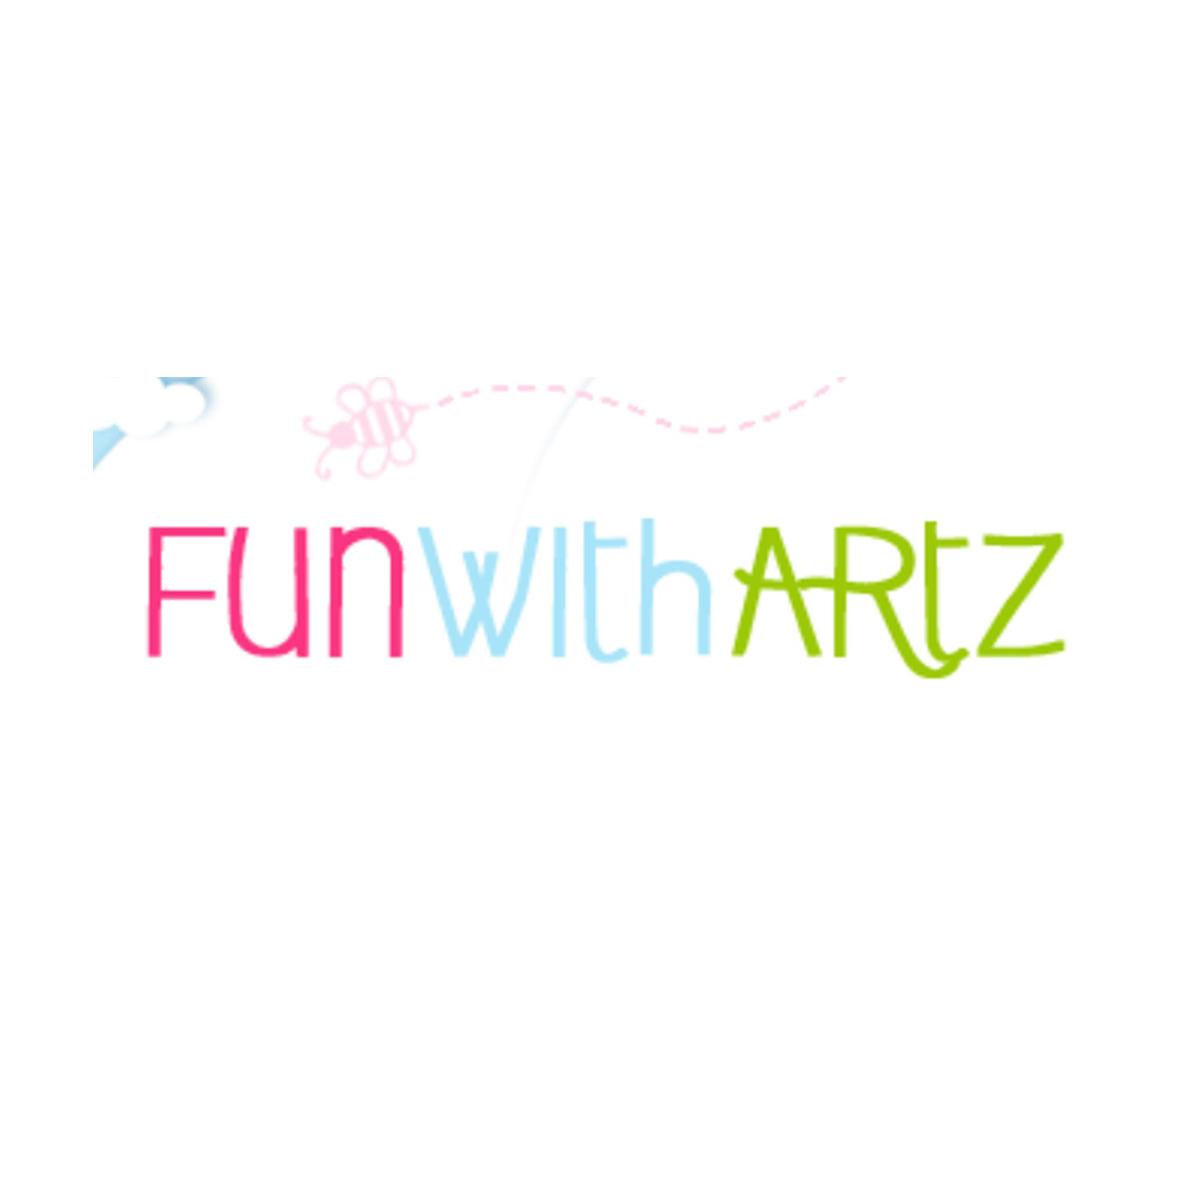 FunwithArtz-Logo